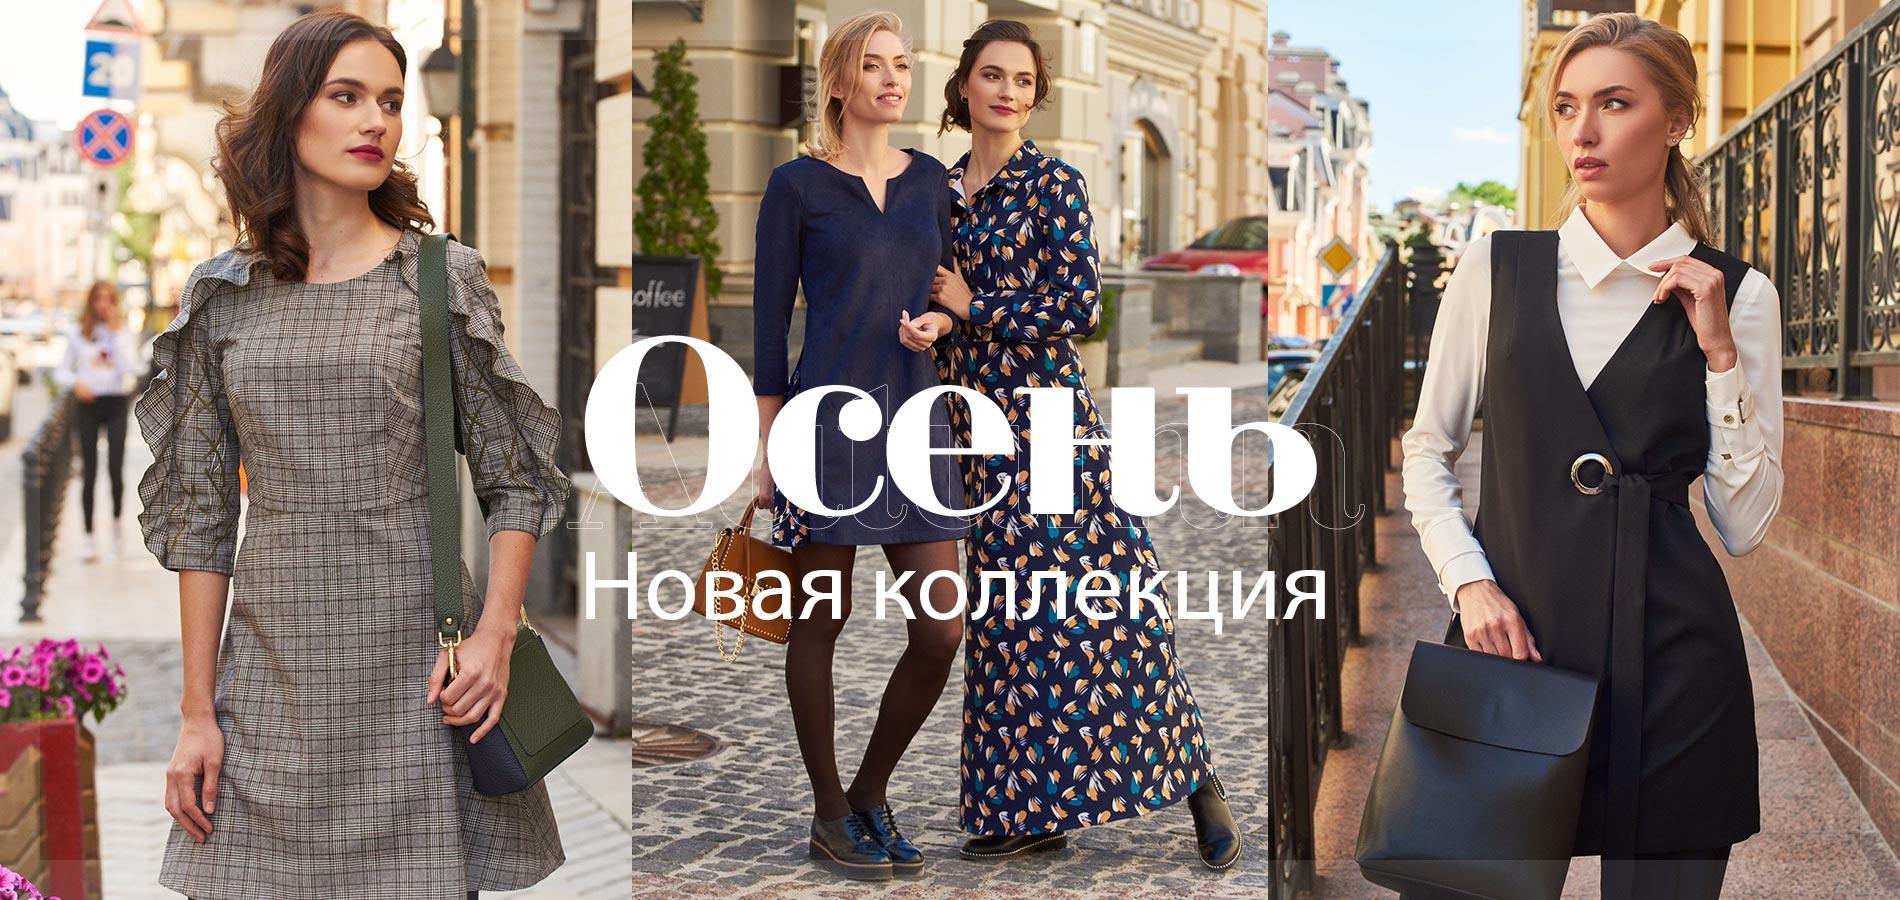 Модные новые платья ждут вас